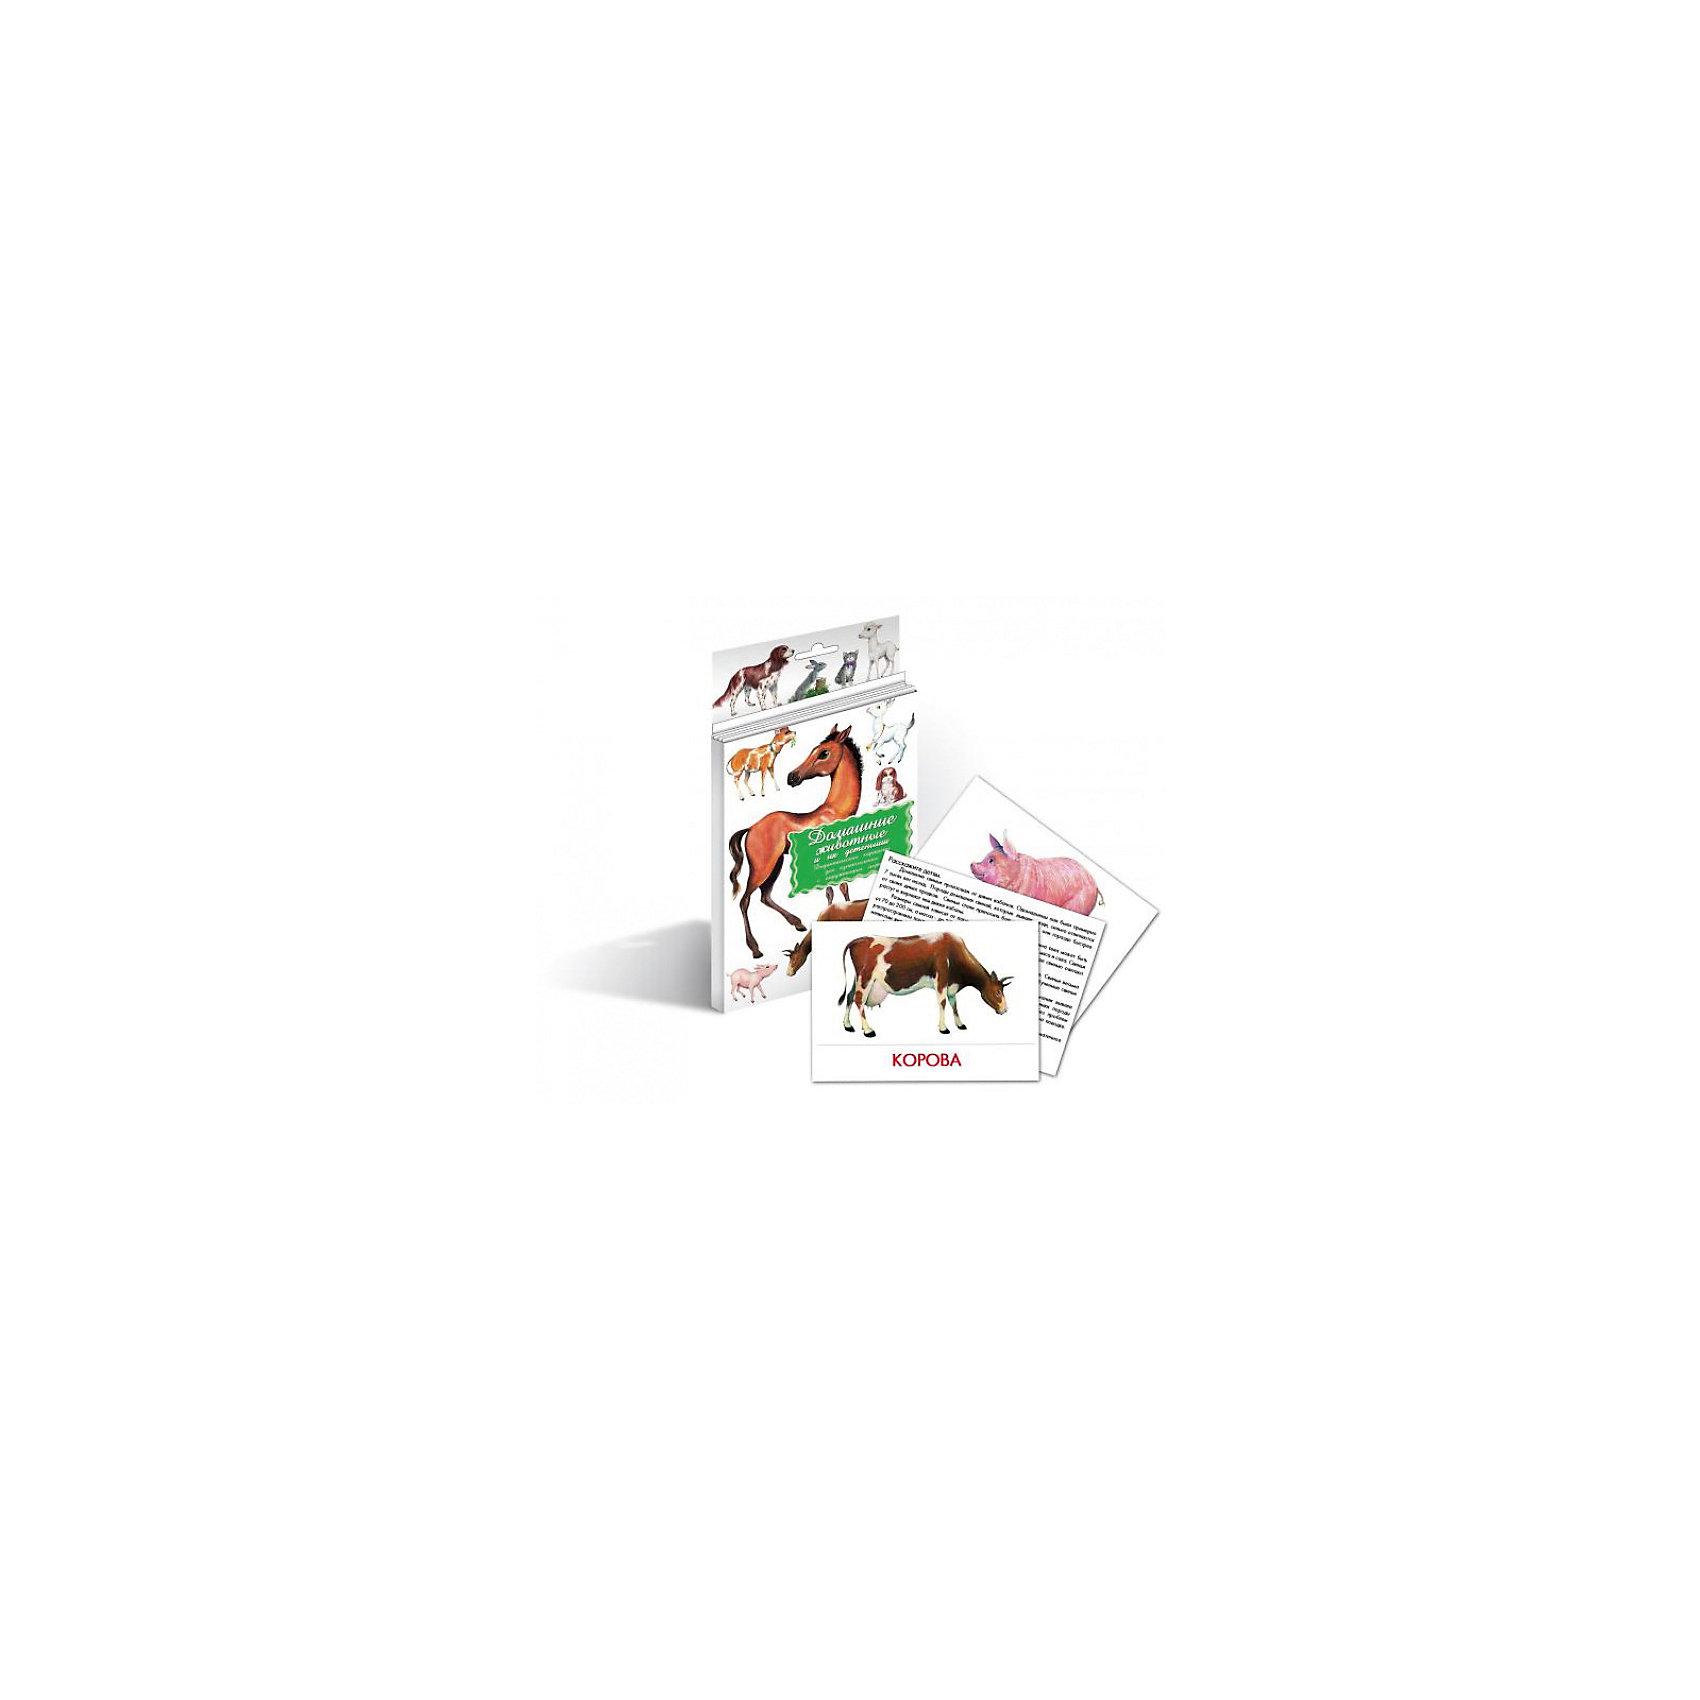 Дидактические карточки Домашние животные, Маленький генийОбучающие карточки<br>Дидактические карточки Домашние животные, Маленький гений.<br><br>Характеристики:<br><br>• Художник: Подколзин Евгений<br>• Количество карточек: 16<br>• Размер карточек: 25х15 см.<br>• Материал: картон<br>• Упаковка: картонный блистер с европодвесом<br>• Размер упаковки: 25,2х15,1х1 см.<br><br>Дидактические карточки с крупными яркими картинками познакомят малыша с домашними животными их детенышами. Всего в набор входит 16 карточек. На одной стороне каждой карточки изображено животное, а на обратной стороне дано его описание: внешний вид, места обитания, повадки, интересные факты. <br><br>Для начала ознакомьте малыша с названиями домашних животных и тем, как они говорят. Если ребенок еще совсем маленький ему легче будет повторять звуки, издаваемые животными, а не их названия. Когда он запомнит их можно просить его найти карточку с тем или иным животным или назвать животное, которое Вы ему показываете. Можно сыграть с ним в игру «Помоги мамам найти малышей» или «Малышам найти мам». <br><br>Если ребенок учится читать, можно отрезать названия и, перемешав, предложить ребенку подобрать картинки к названиям. С карточками можно организовать и множество игр на развитие внимания, логического мышления и памяти. Игра «Четвертый лишний»: из четырех карточек, одна из которых отличается от трех других, ребенок должен выбрать лишнюю и объяснить свой выбор. Можно по очереди с ребенком отвечать на вопрос «Какой?» относительно каждой карточки, стараясь дать больше ответов. <br><br>Разглядывая карточки, играя с ними, ваш малыш не только обогатит свой багаж знаний об окружающем мире, но и научится составлять предложения, беседовать по картинкам, классифицировать и систематизировать предметы. Карточки рекомендуются родителям, логопедами, психологами, воспитателями детских садов, учителями начальных классов для познавательных игр с детьми и занятий по методике Глена Домана.<br><br>Дидактические карточки Домашн